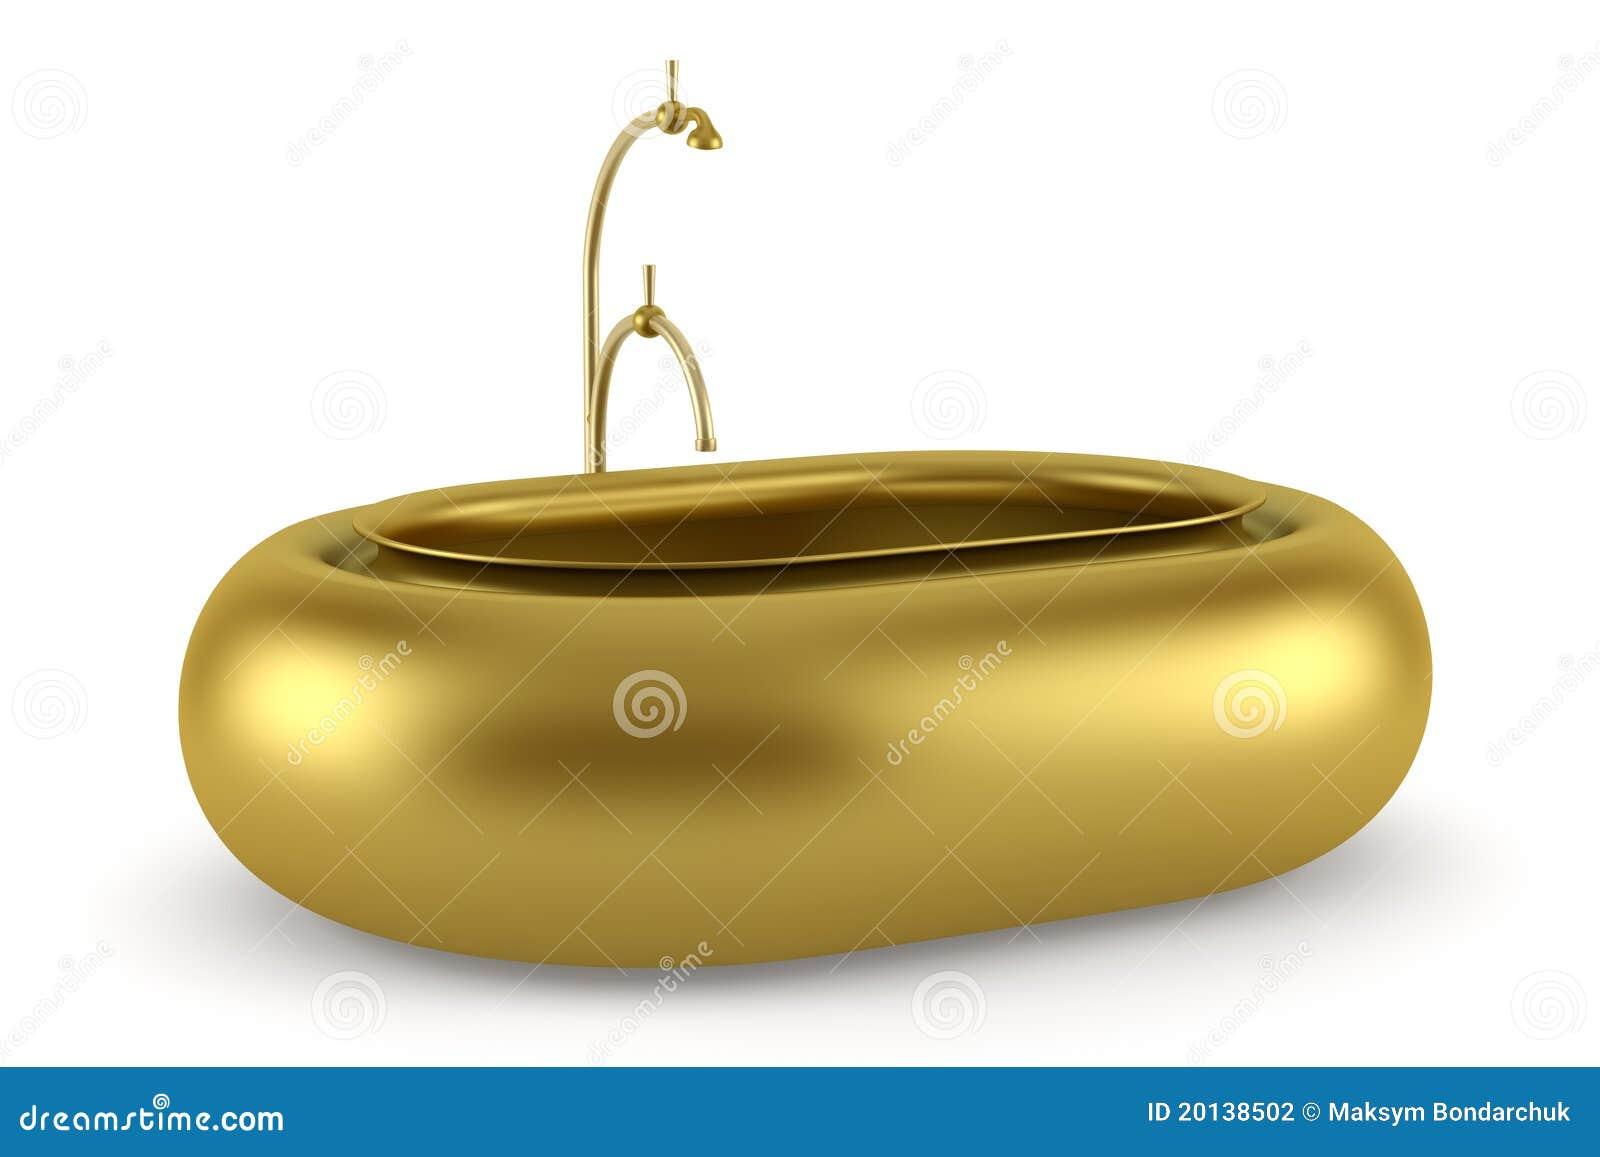 Vasca Da Bagno Bassa : Vasca da bagno dorata isolata su priorità bassa bianca illustrazione